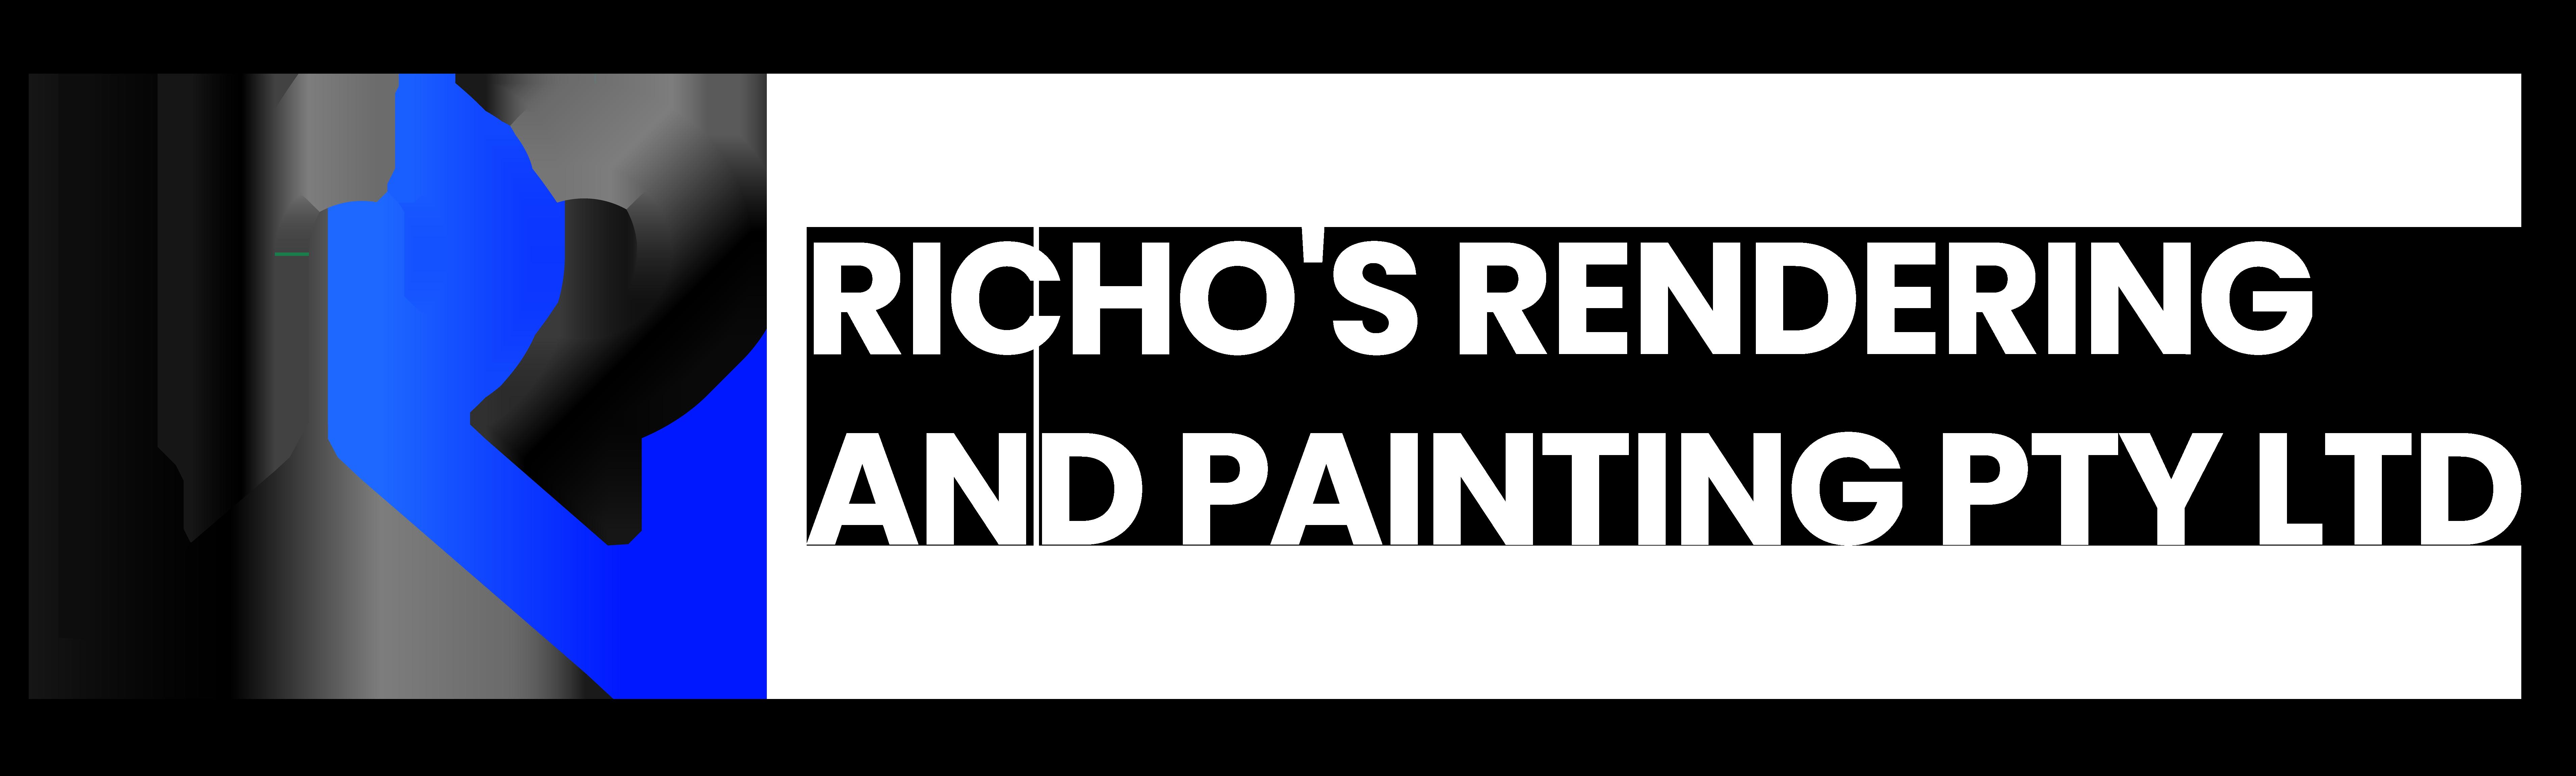 Richo's Rendering